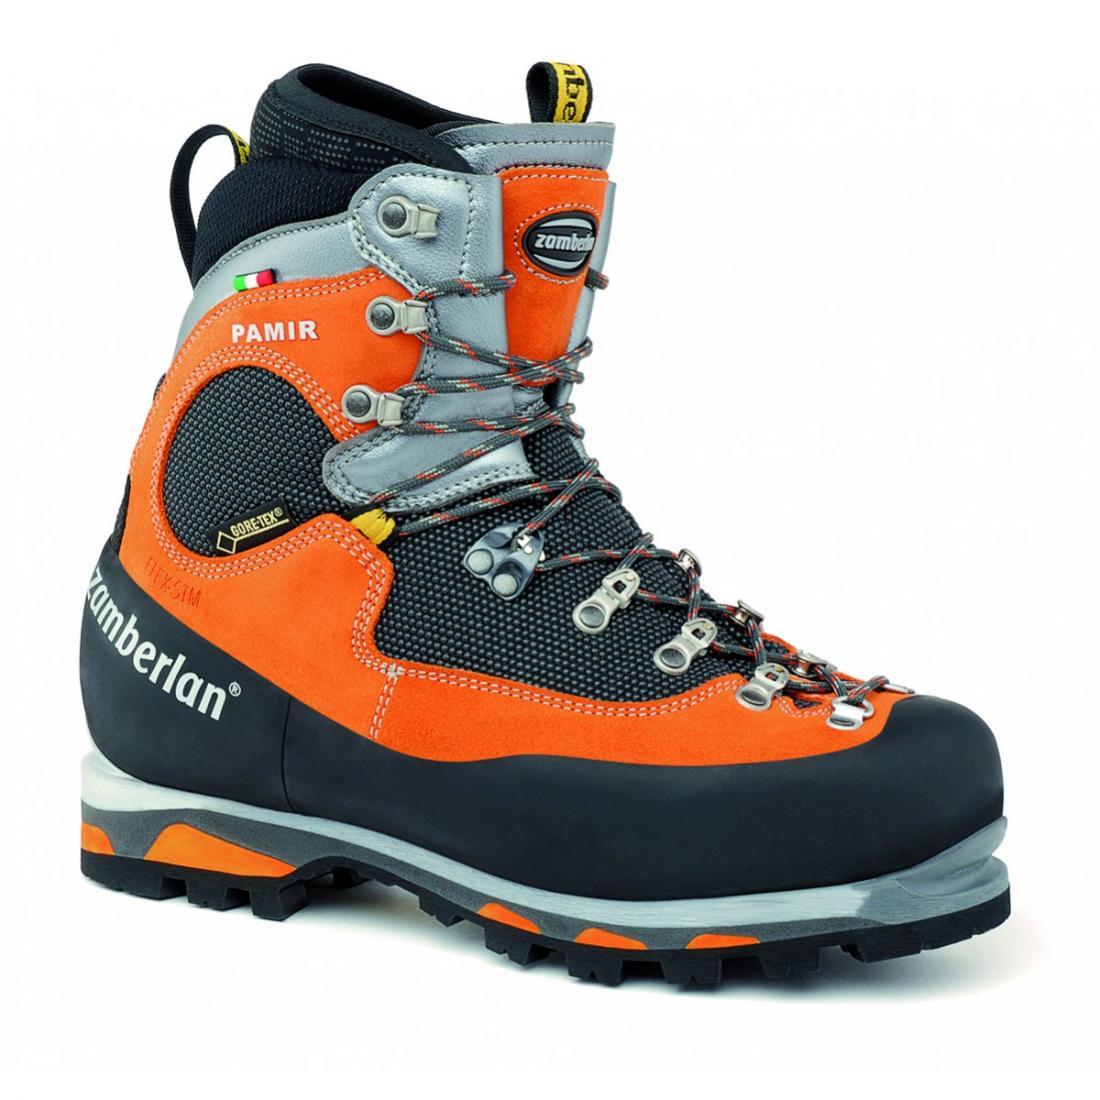 Ботинки 2080 PAMIR GTX RRАльпинистские<br><br><br>Цвет: Оранжевый<br>Размер: 40